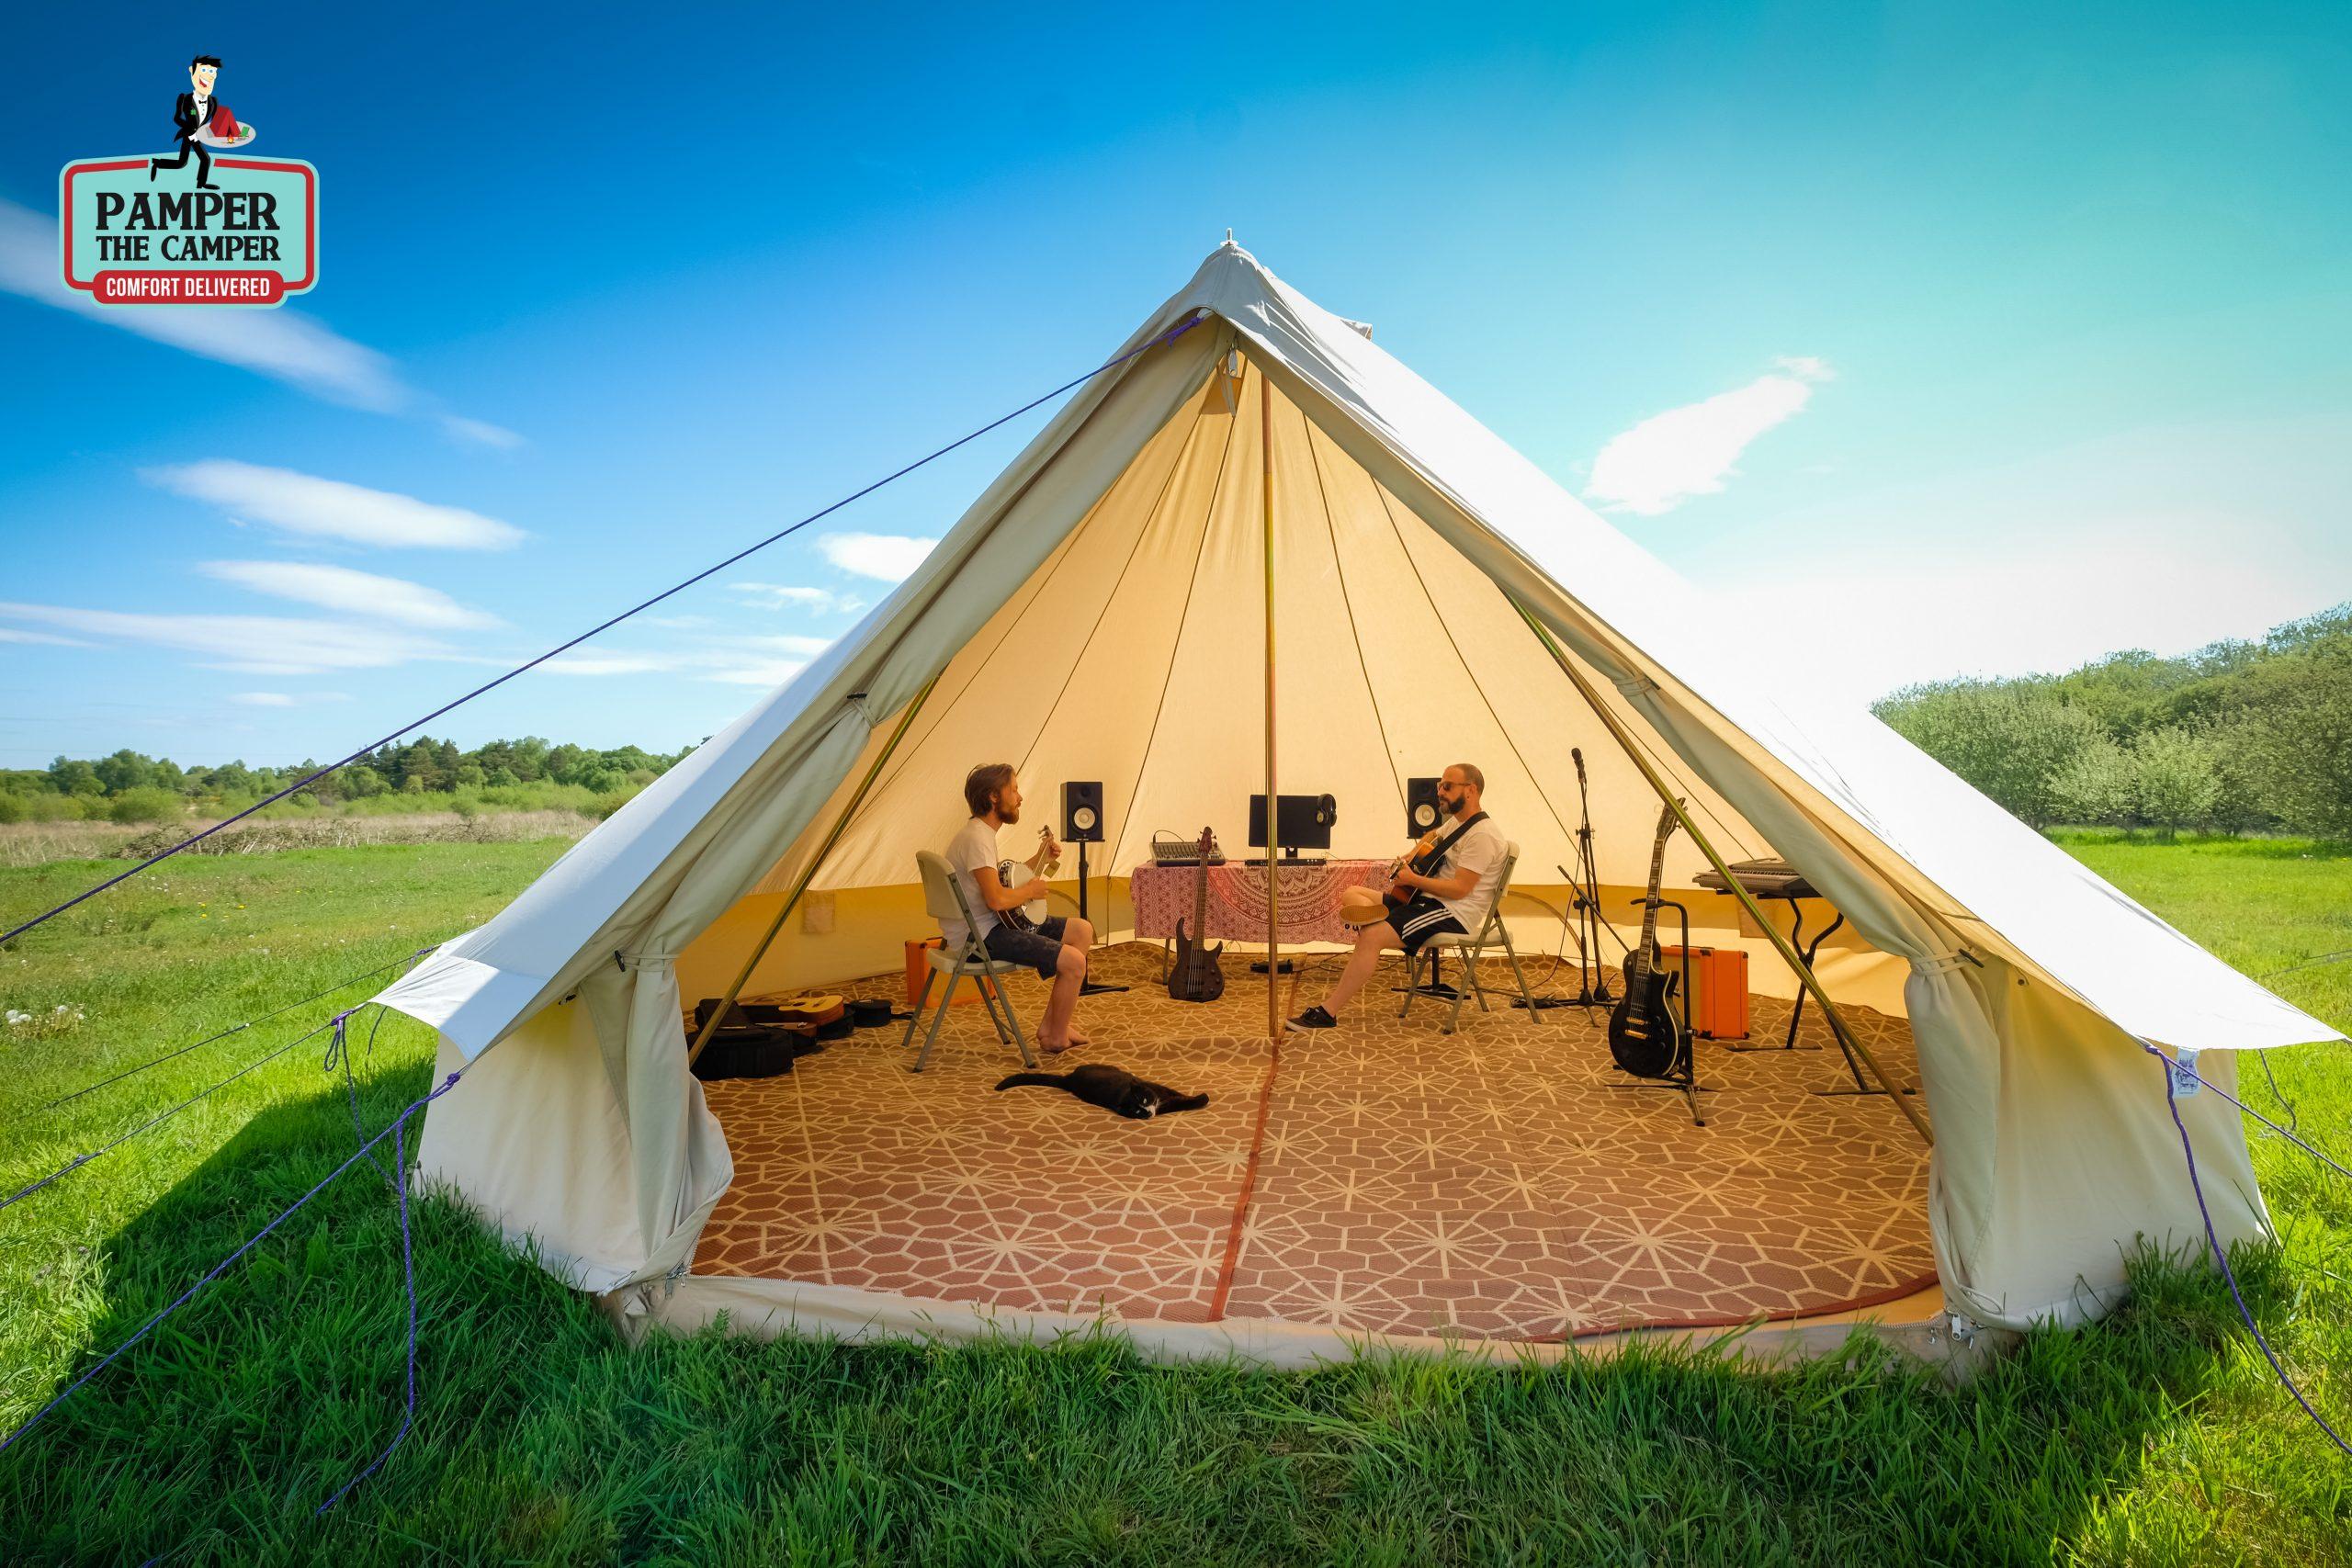 Pamper-the-camper tent session